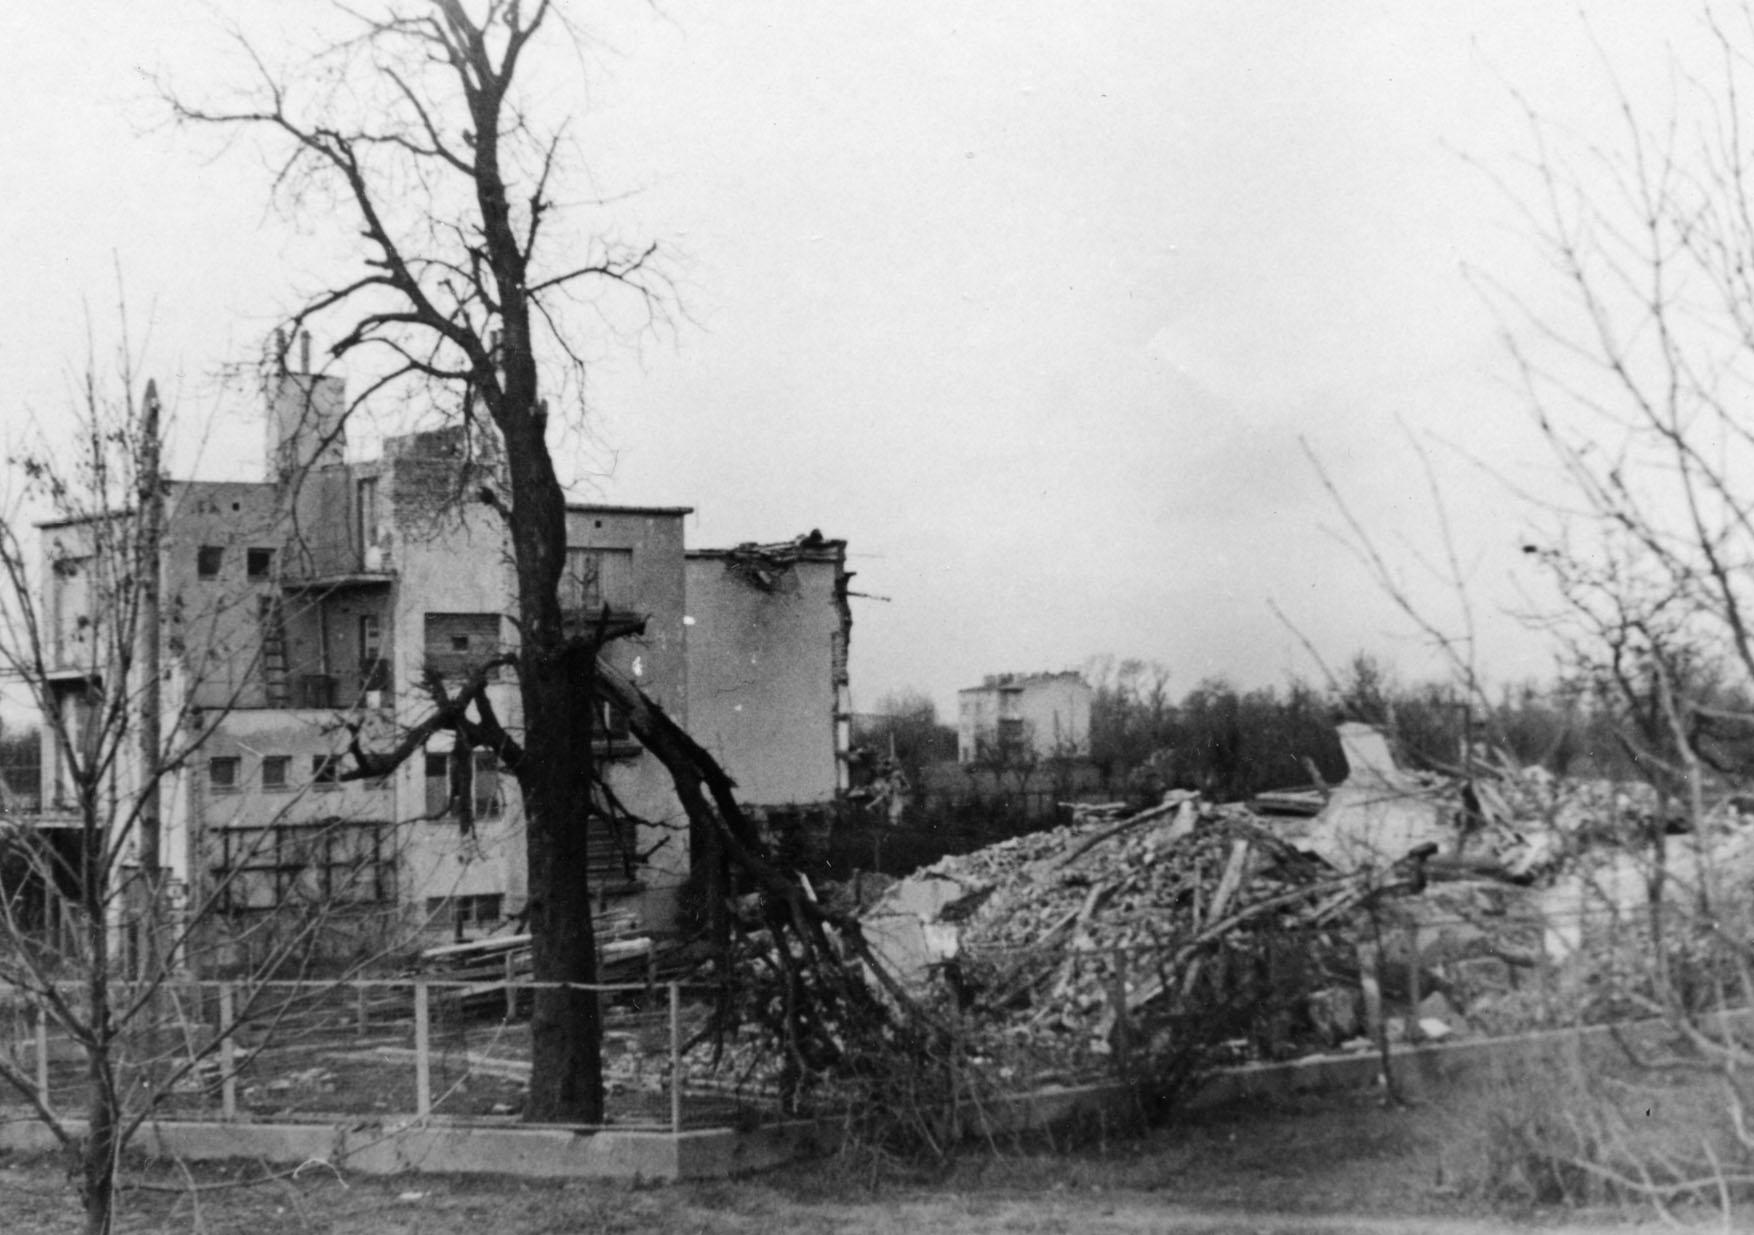 06-warszawa-willa-szyllerow-przy-wale-miedzeszynskim-pozna-jesienia-1939-r-fot-ze-zbioru-mpw